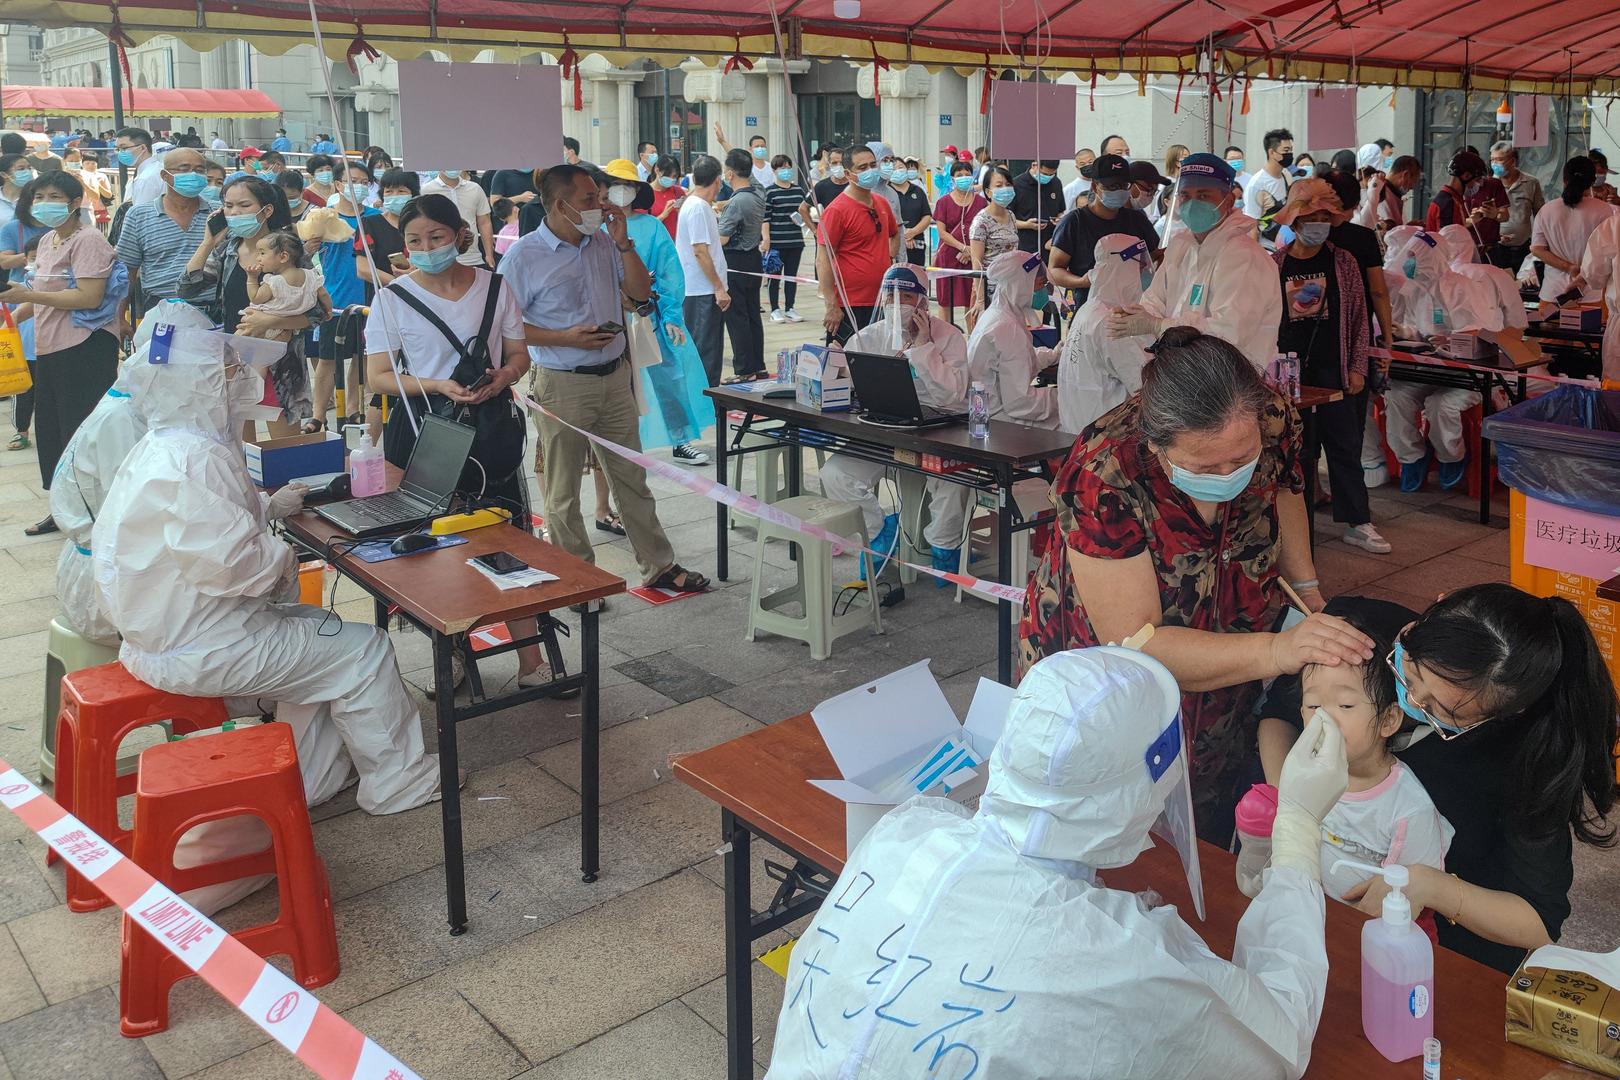 الصين في مواجهة بؤرة جديدة لكورونا بين تلاميذ المدارس